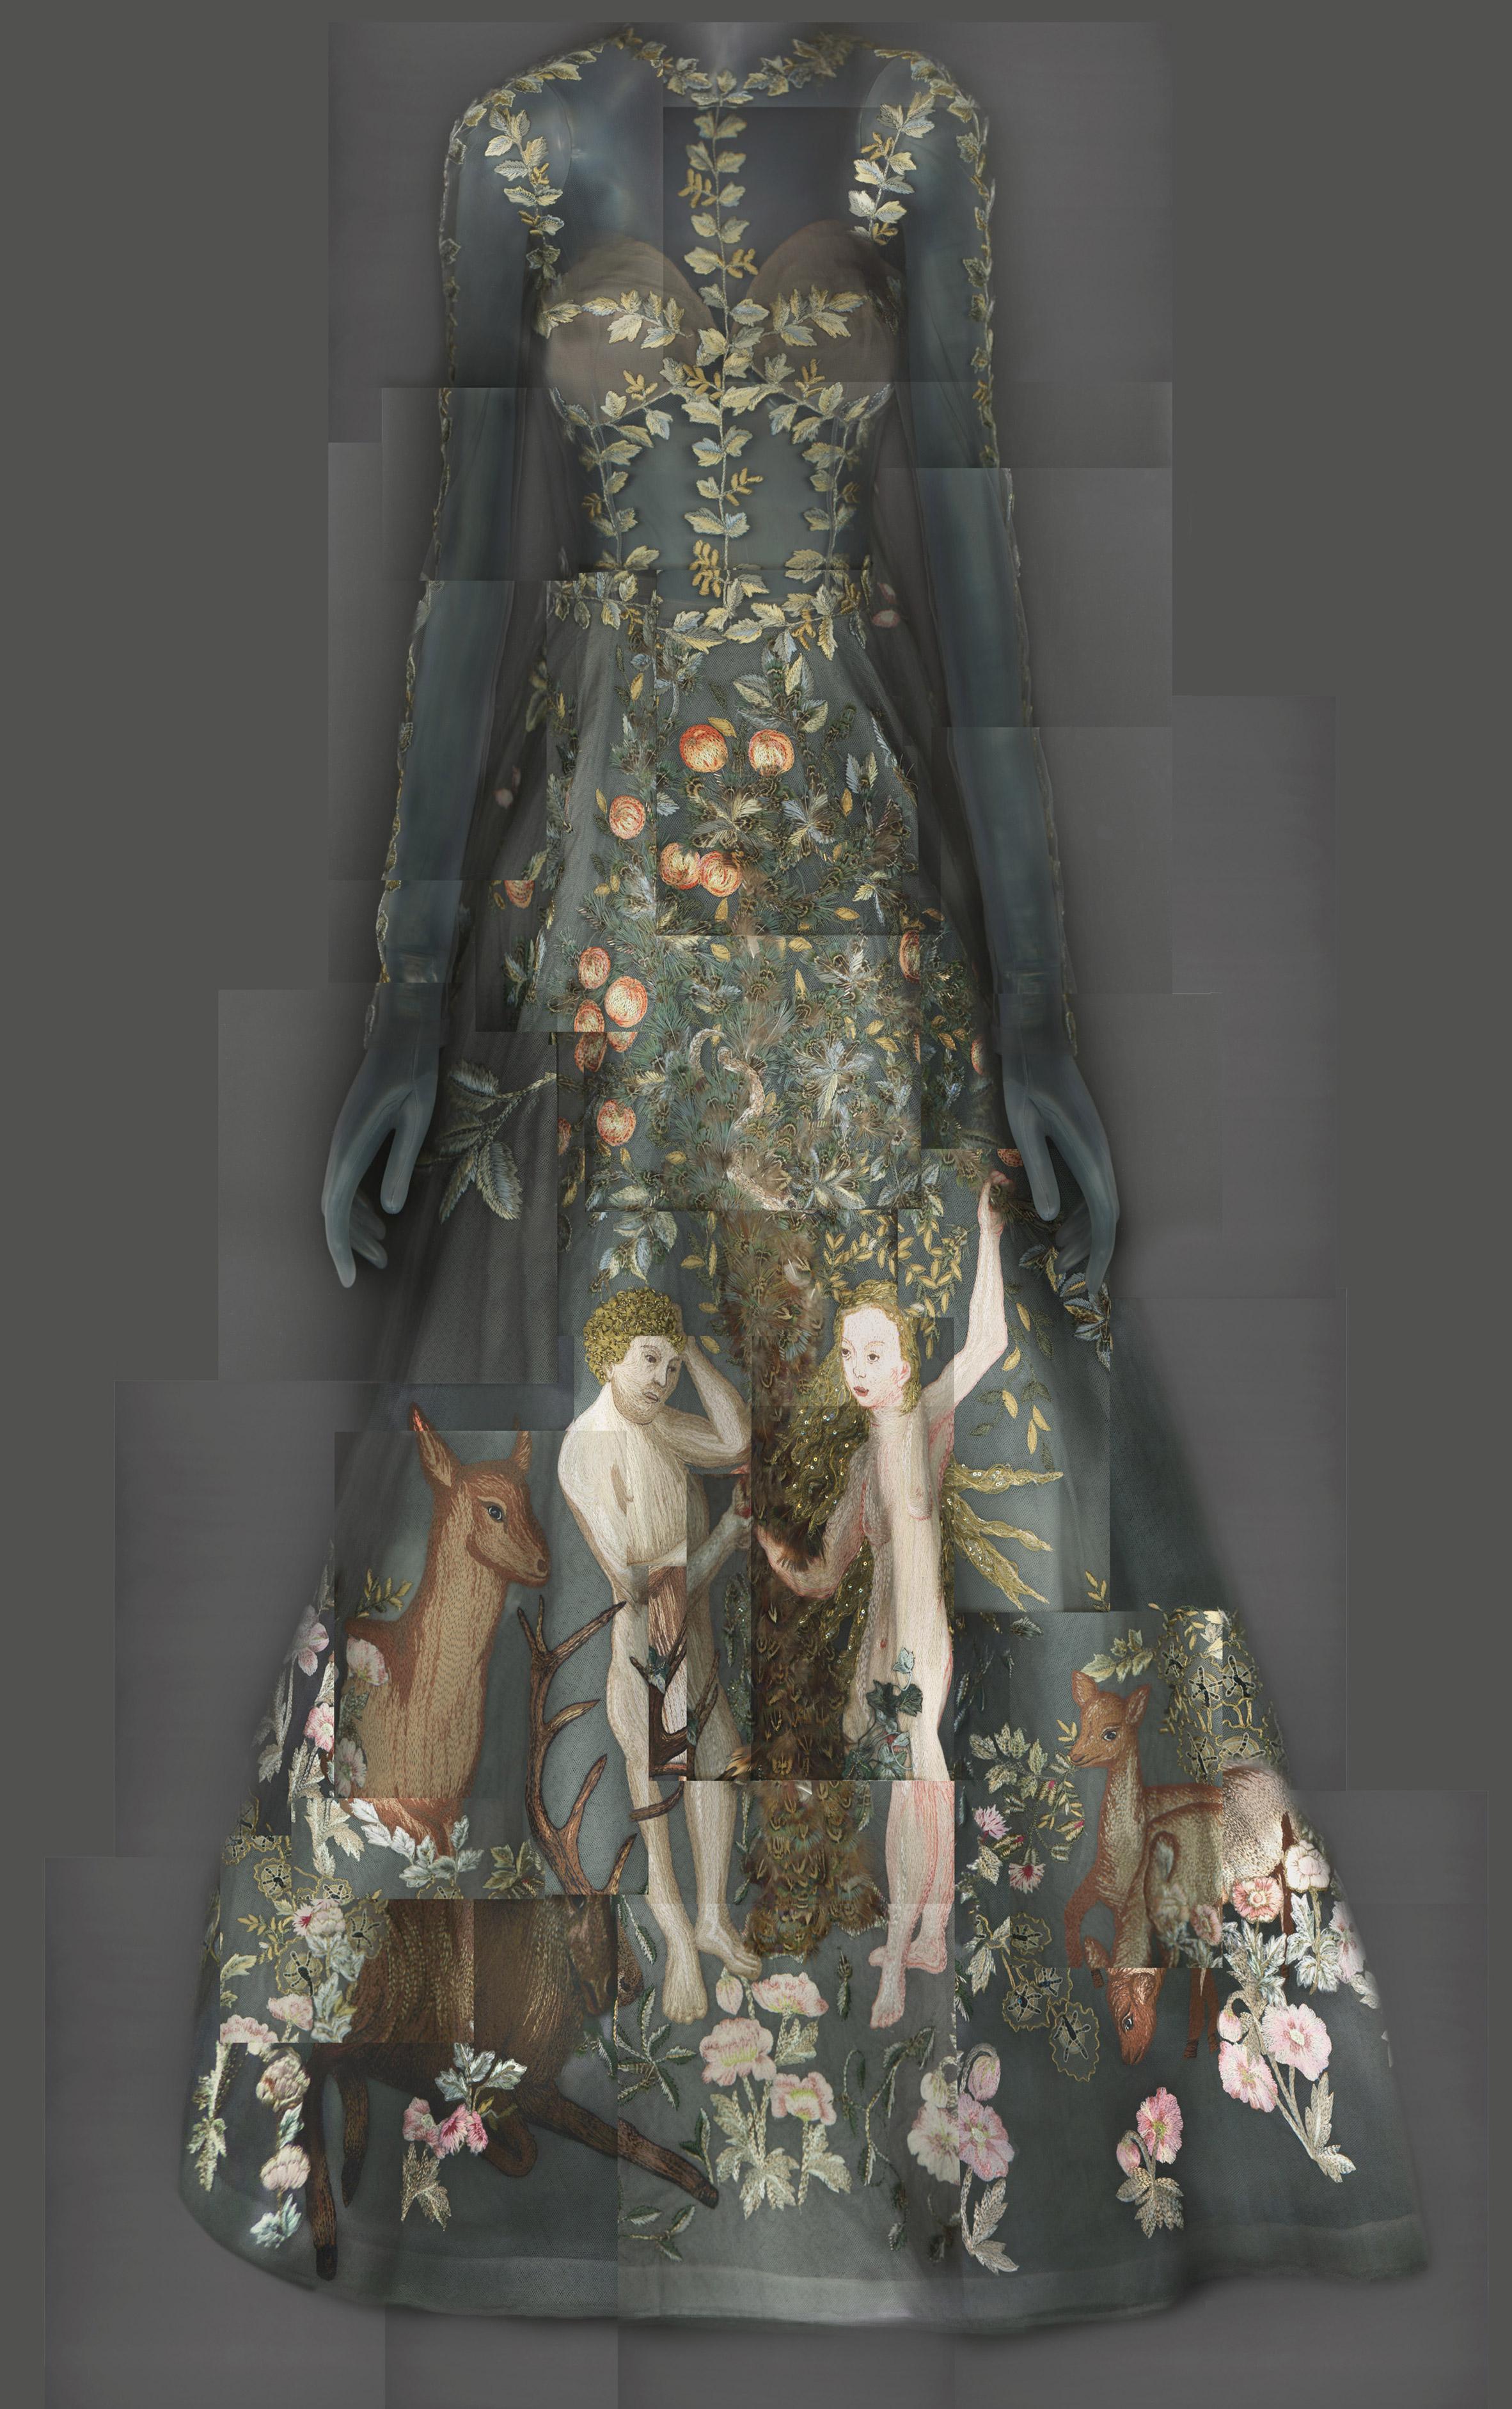 Heavenly Bodies exhibit at Costume Institute